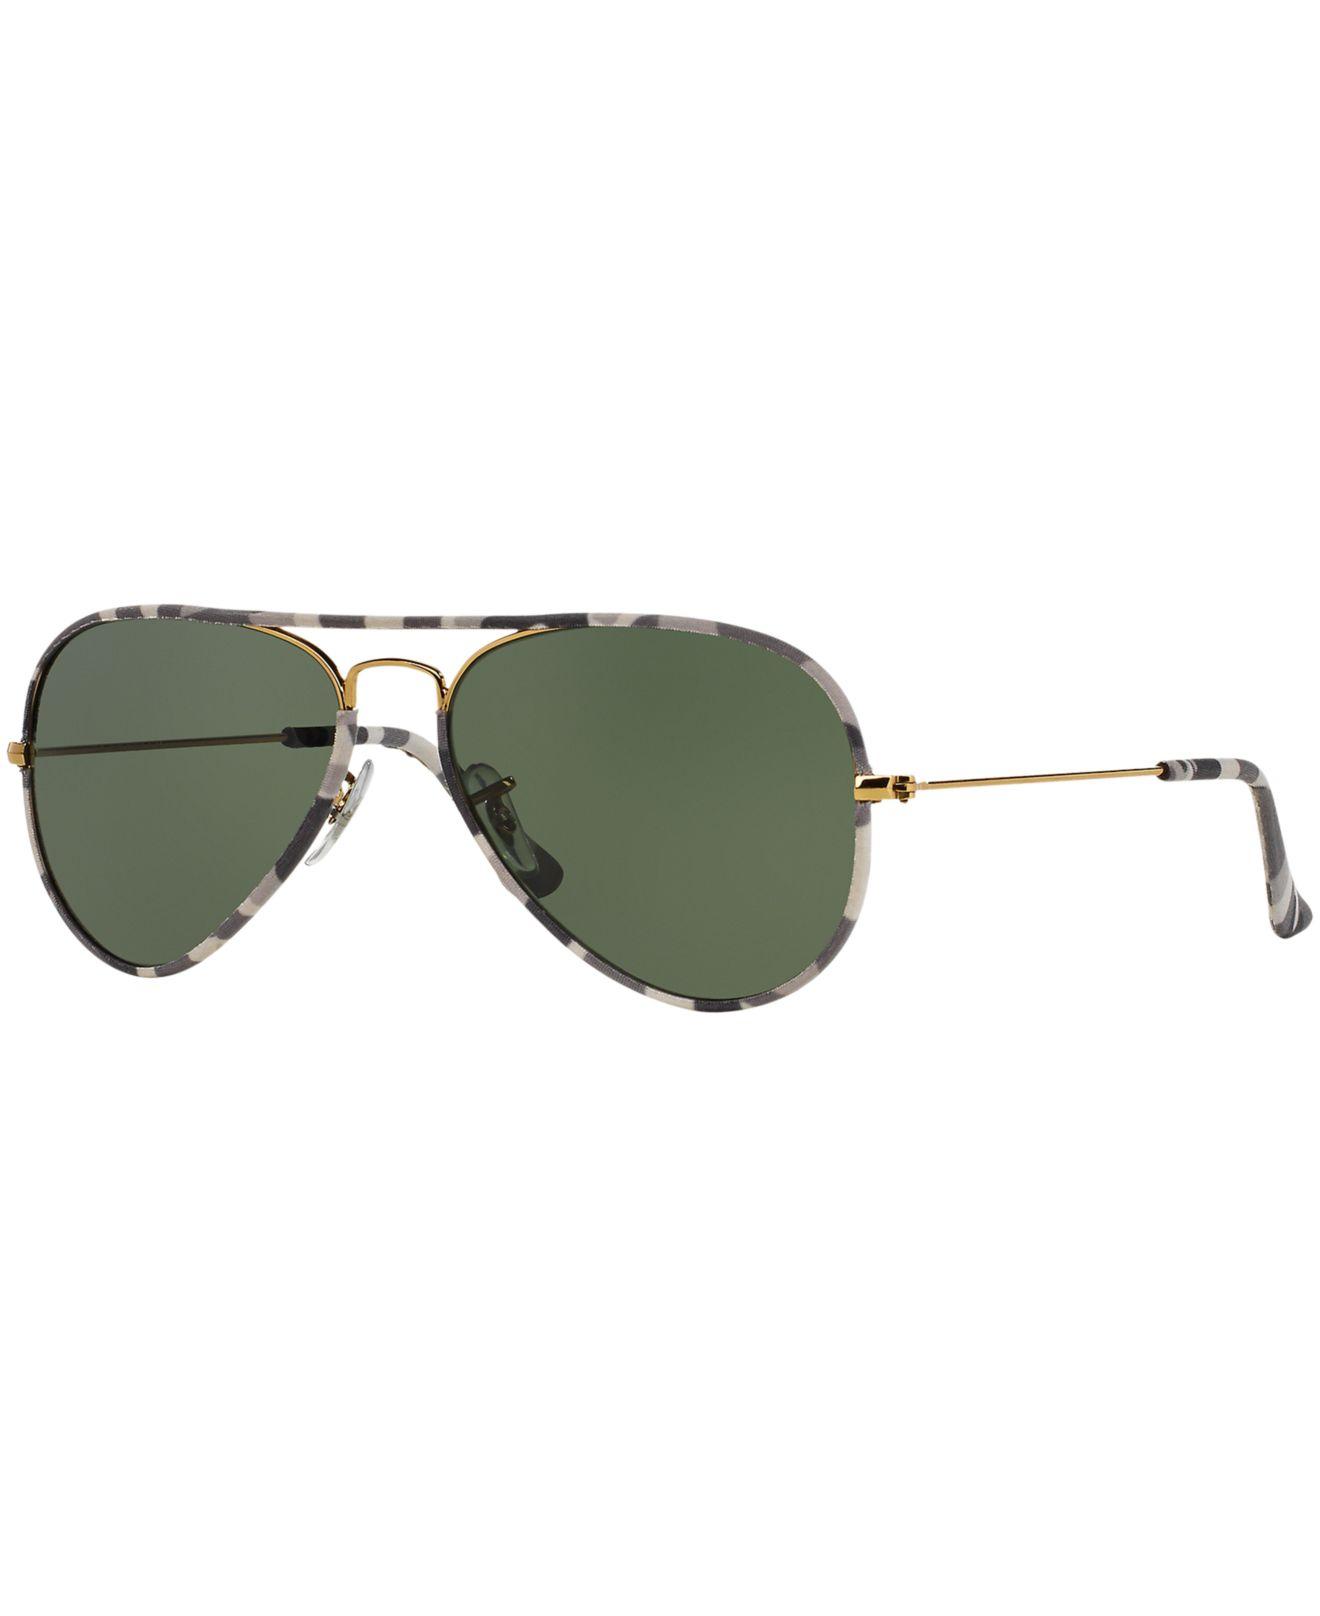 d19e8b01d1 Lyst - Ray-Ban Rb3025jm 58 Aviator Full Color in Green for Men